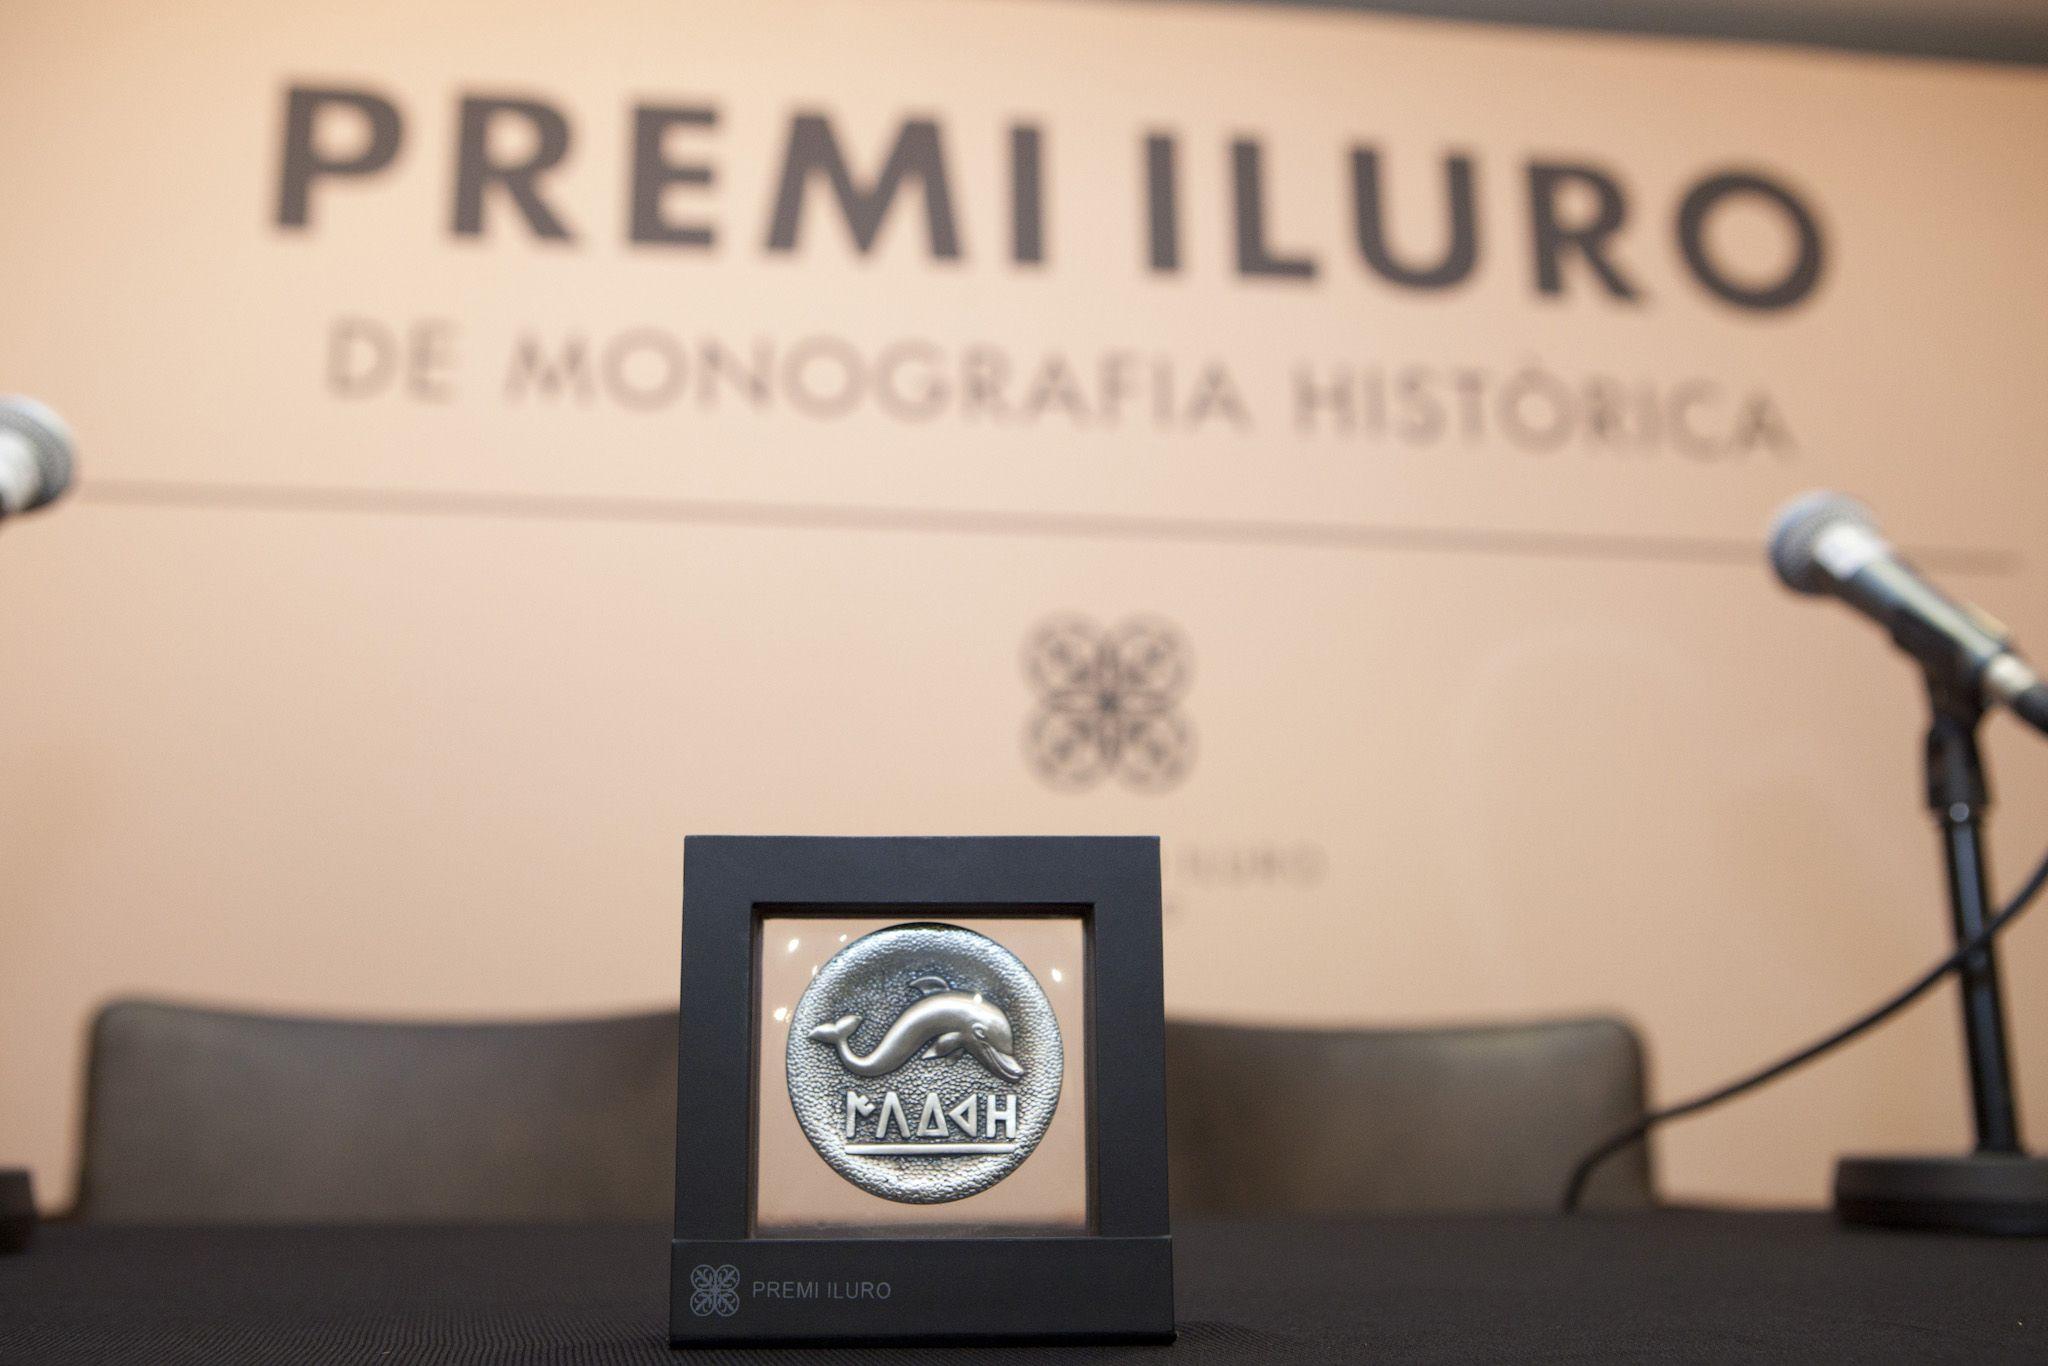 La Fundació Iluro Ha Editat Les Bases De La 63a Convocatòria Del Premi Iluro, Dotat Amb 6.000 Euros I La Publicació De L'obra